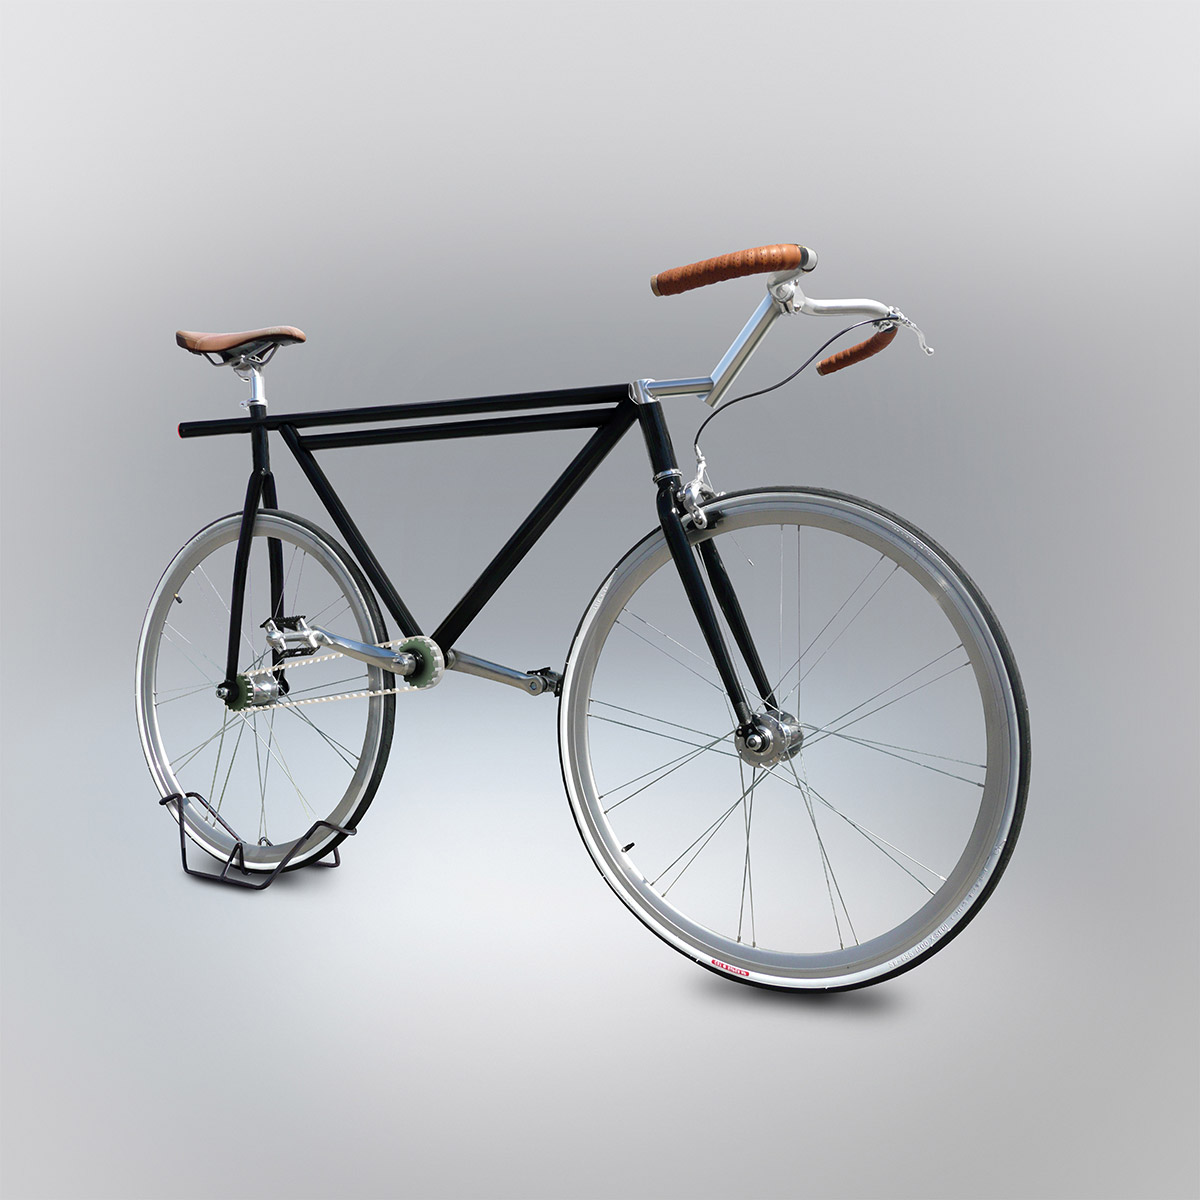 bike by mistake 18